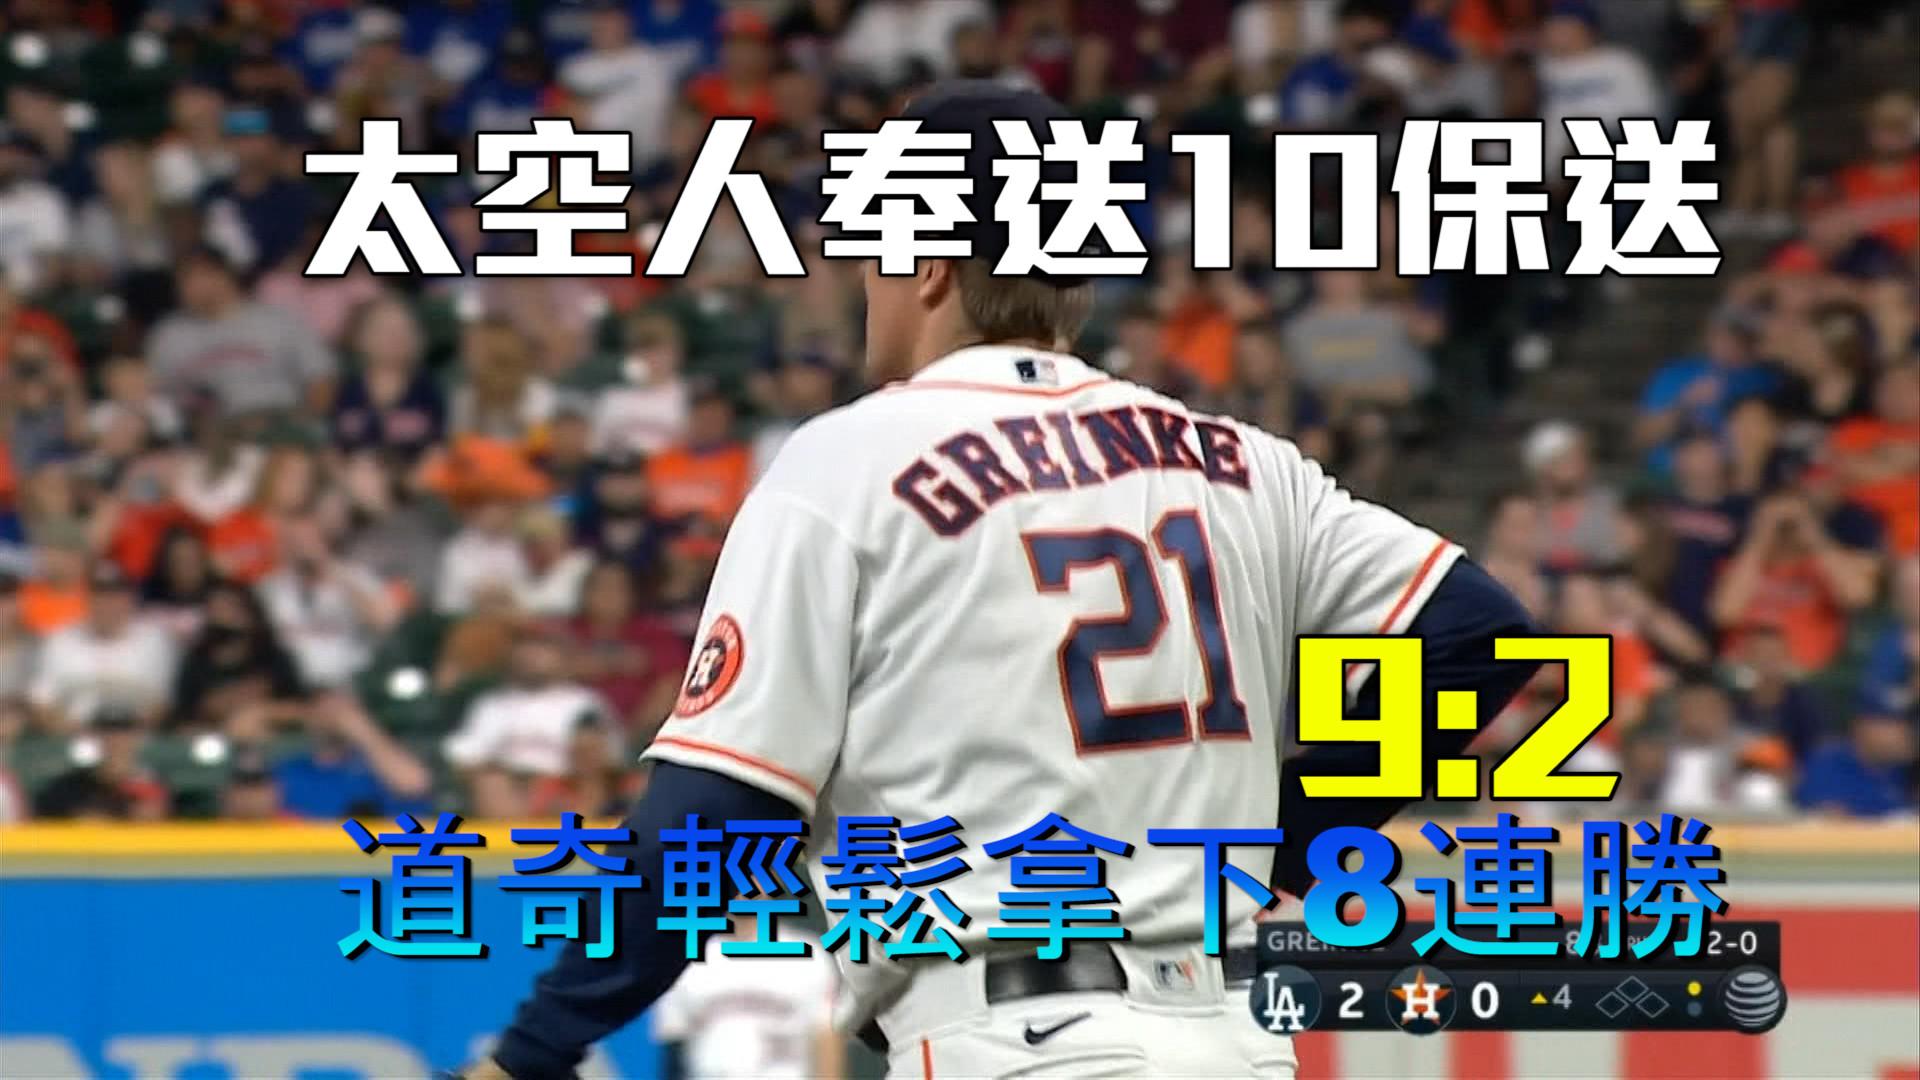 【MLB看愛爾達】太空人奉送10次保送 道奇9:2奪八連勝 05/26